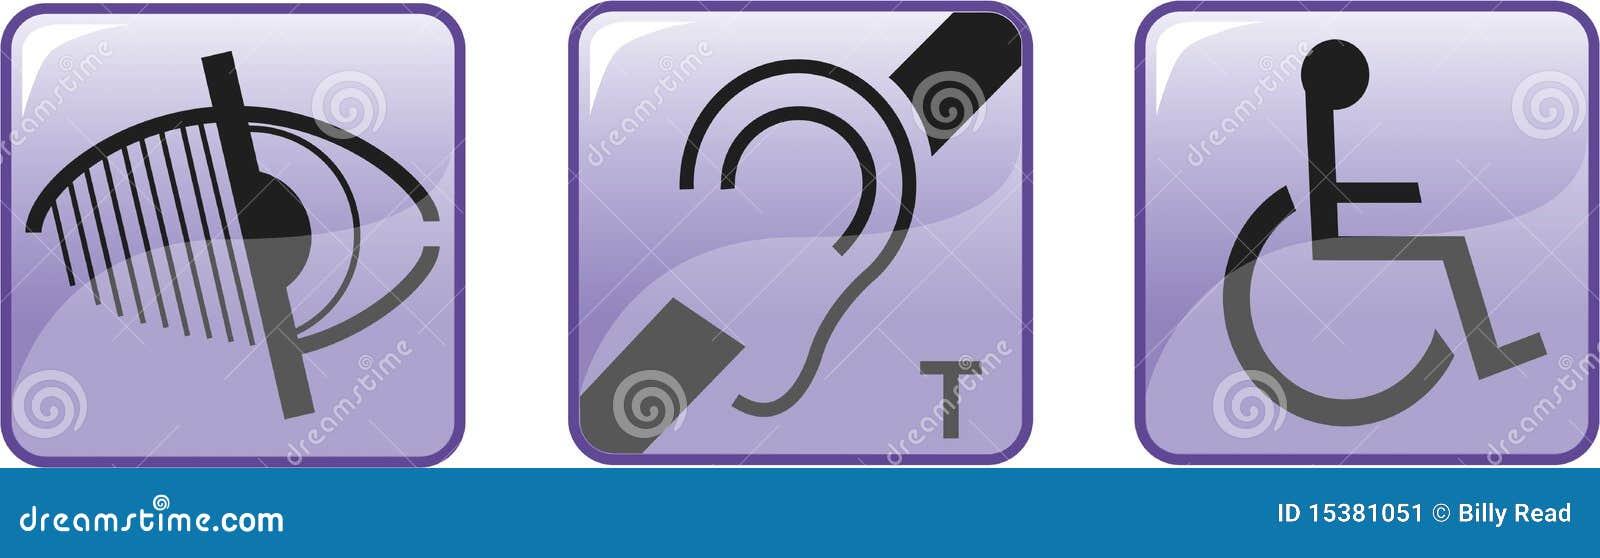 Deaf Blind Disabled Symbols Stock Image Image 15381051